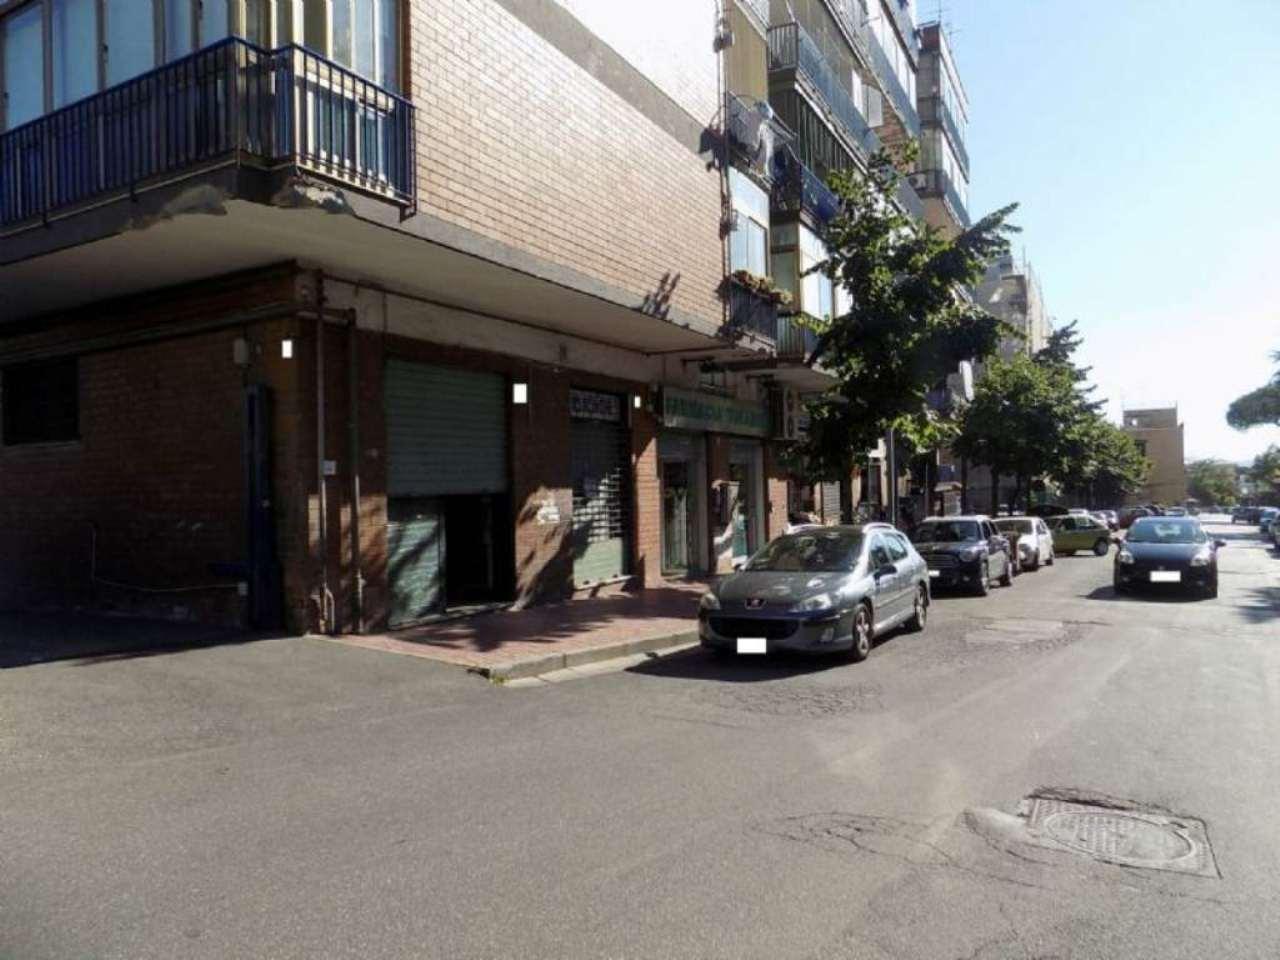 Negozio / Locale in affitto a San Giorgio a Cremano, 2 locali, prezzo € 700 | Cambio Casa.it